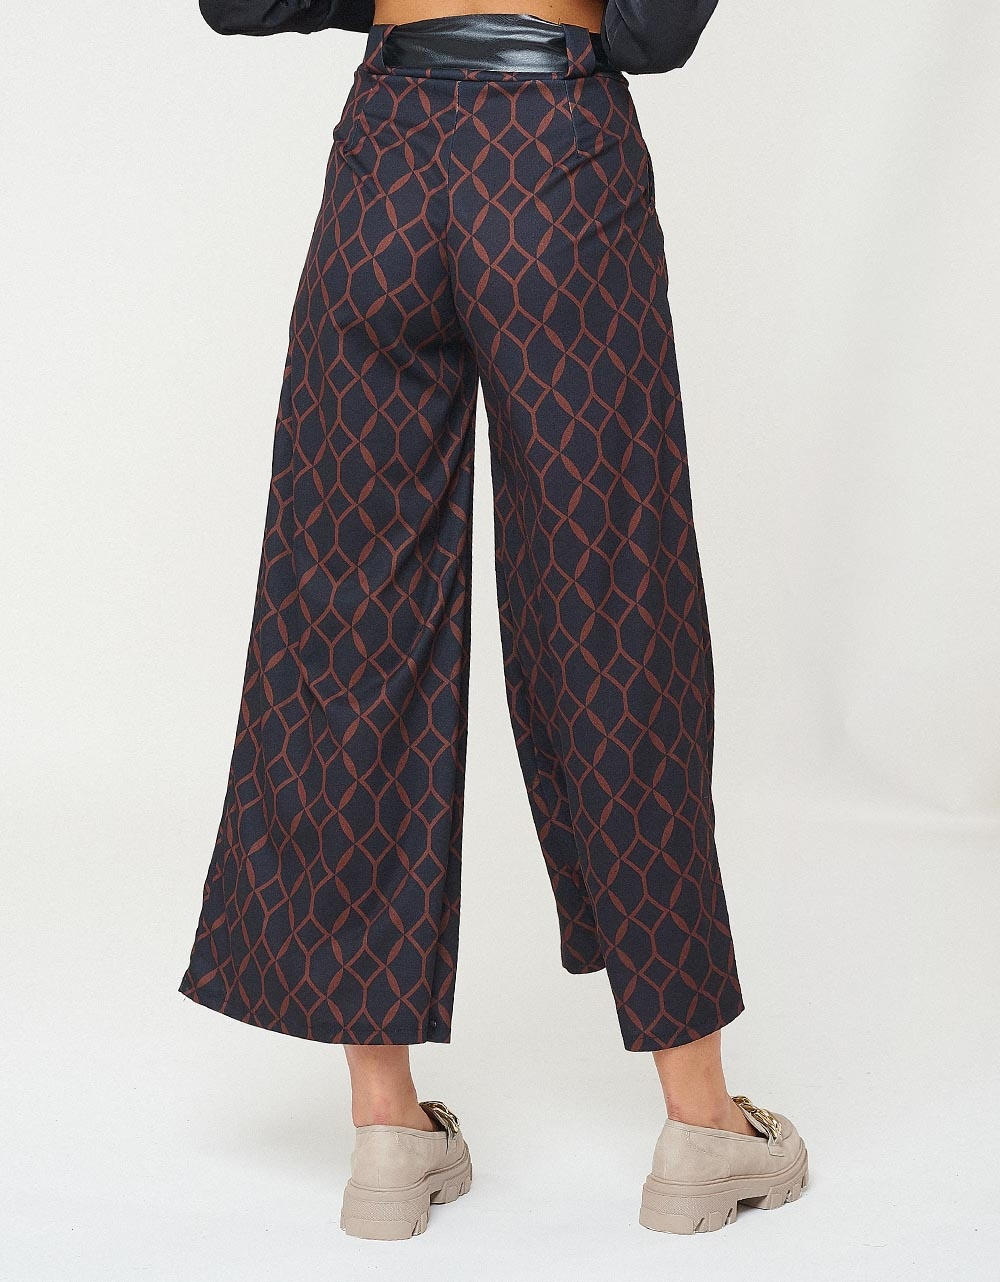 Εικόνα από Γυναικείο παντελόνι wide leg με ζωνάκι Καφέ